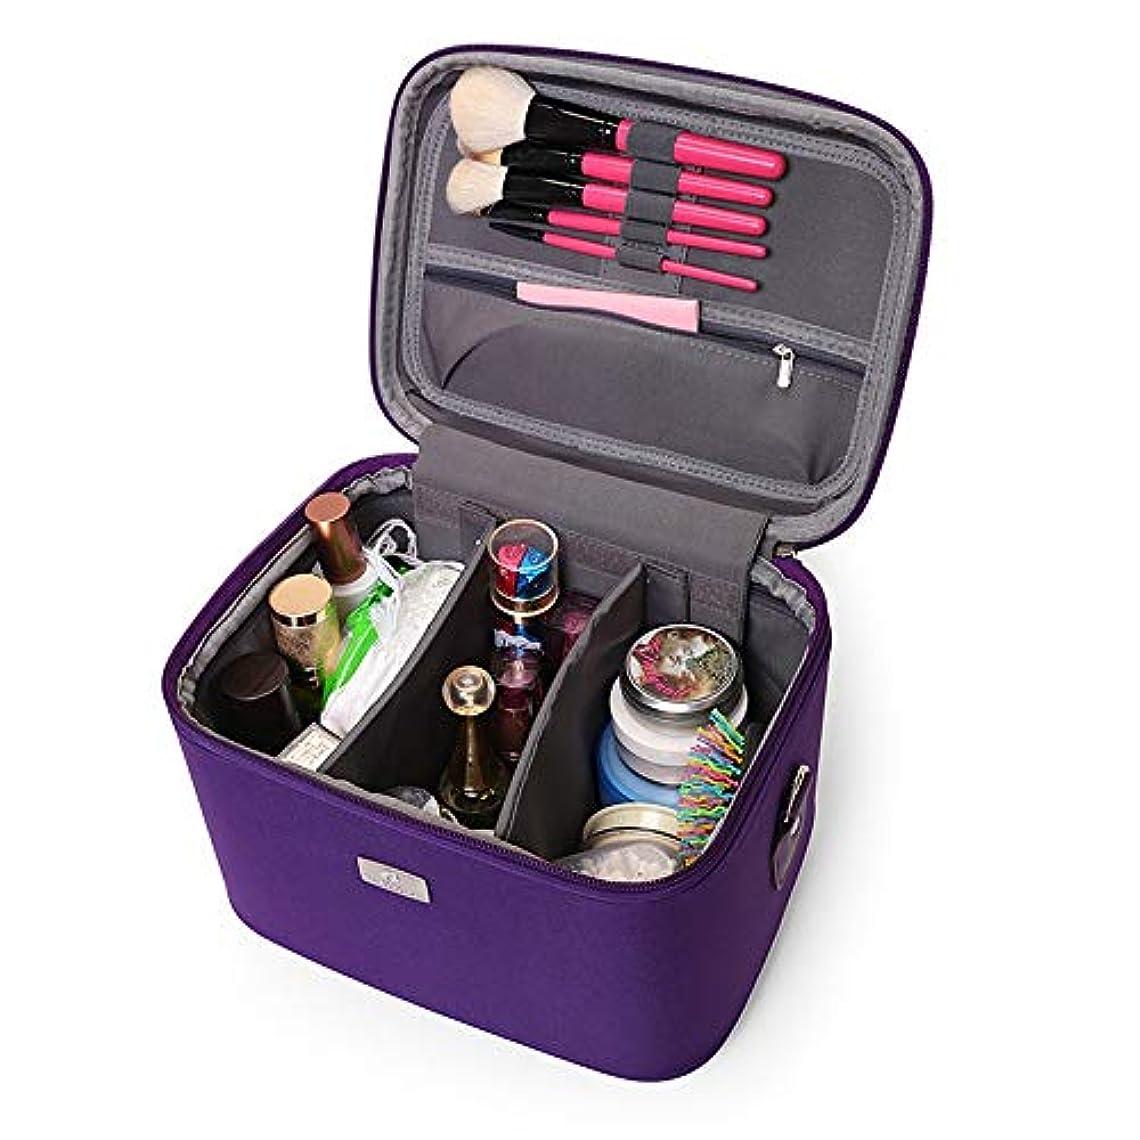 音声学不定合成化粧オーガナイザーバッグ 14インチのメイクアップトラベルバッグPUレター防水化粧ケースのティーン女の子の女性アーティスト 化粧品ケース (色 : 紫の)